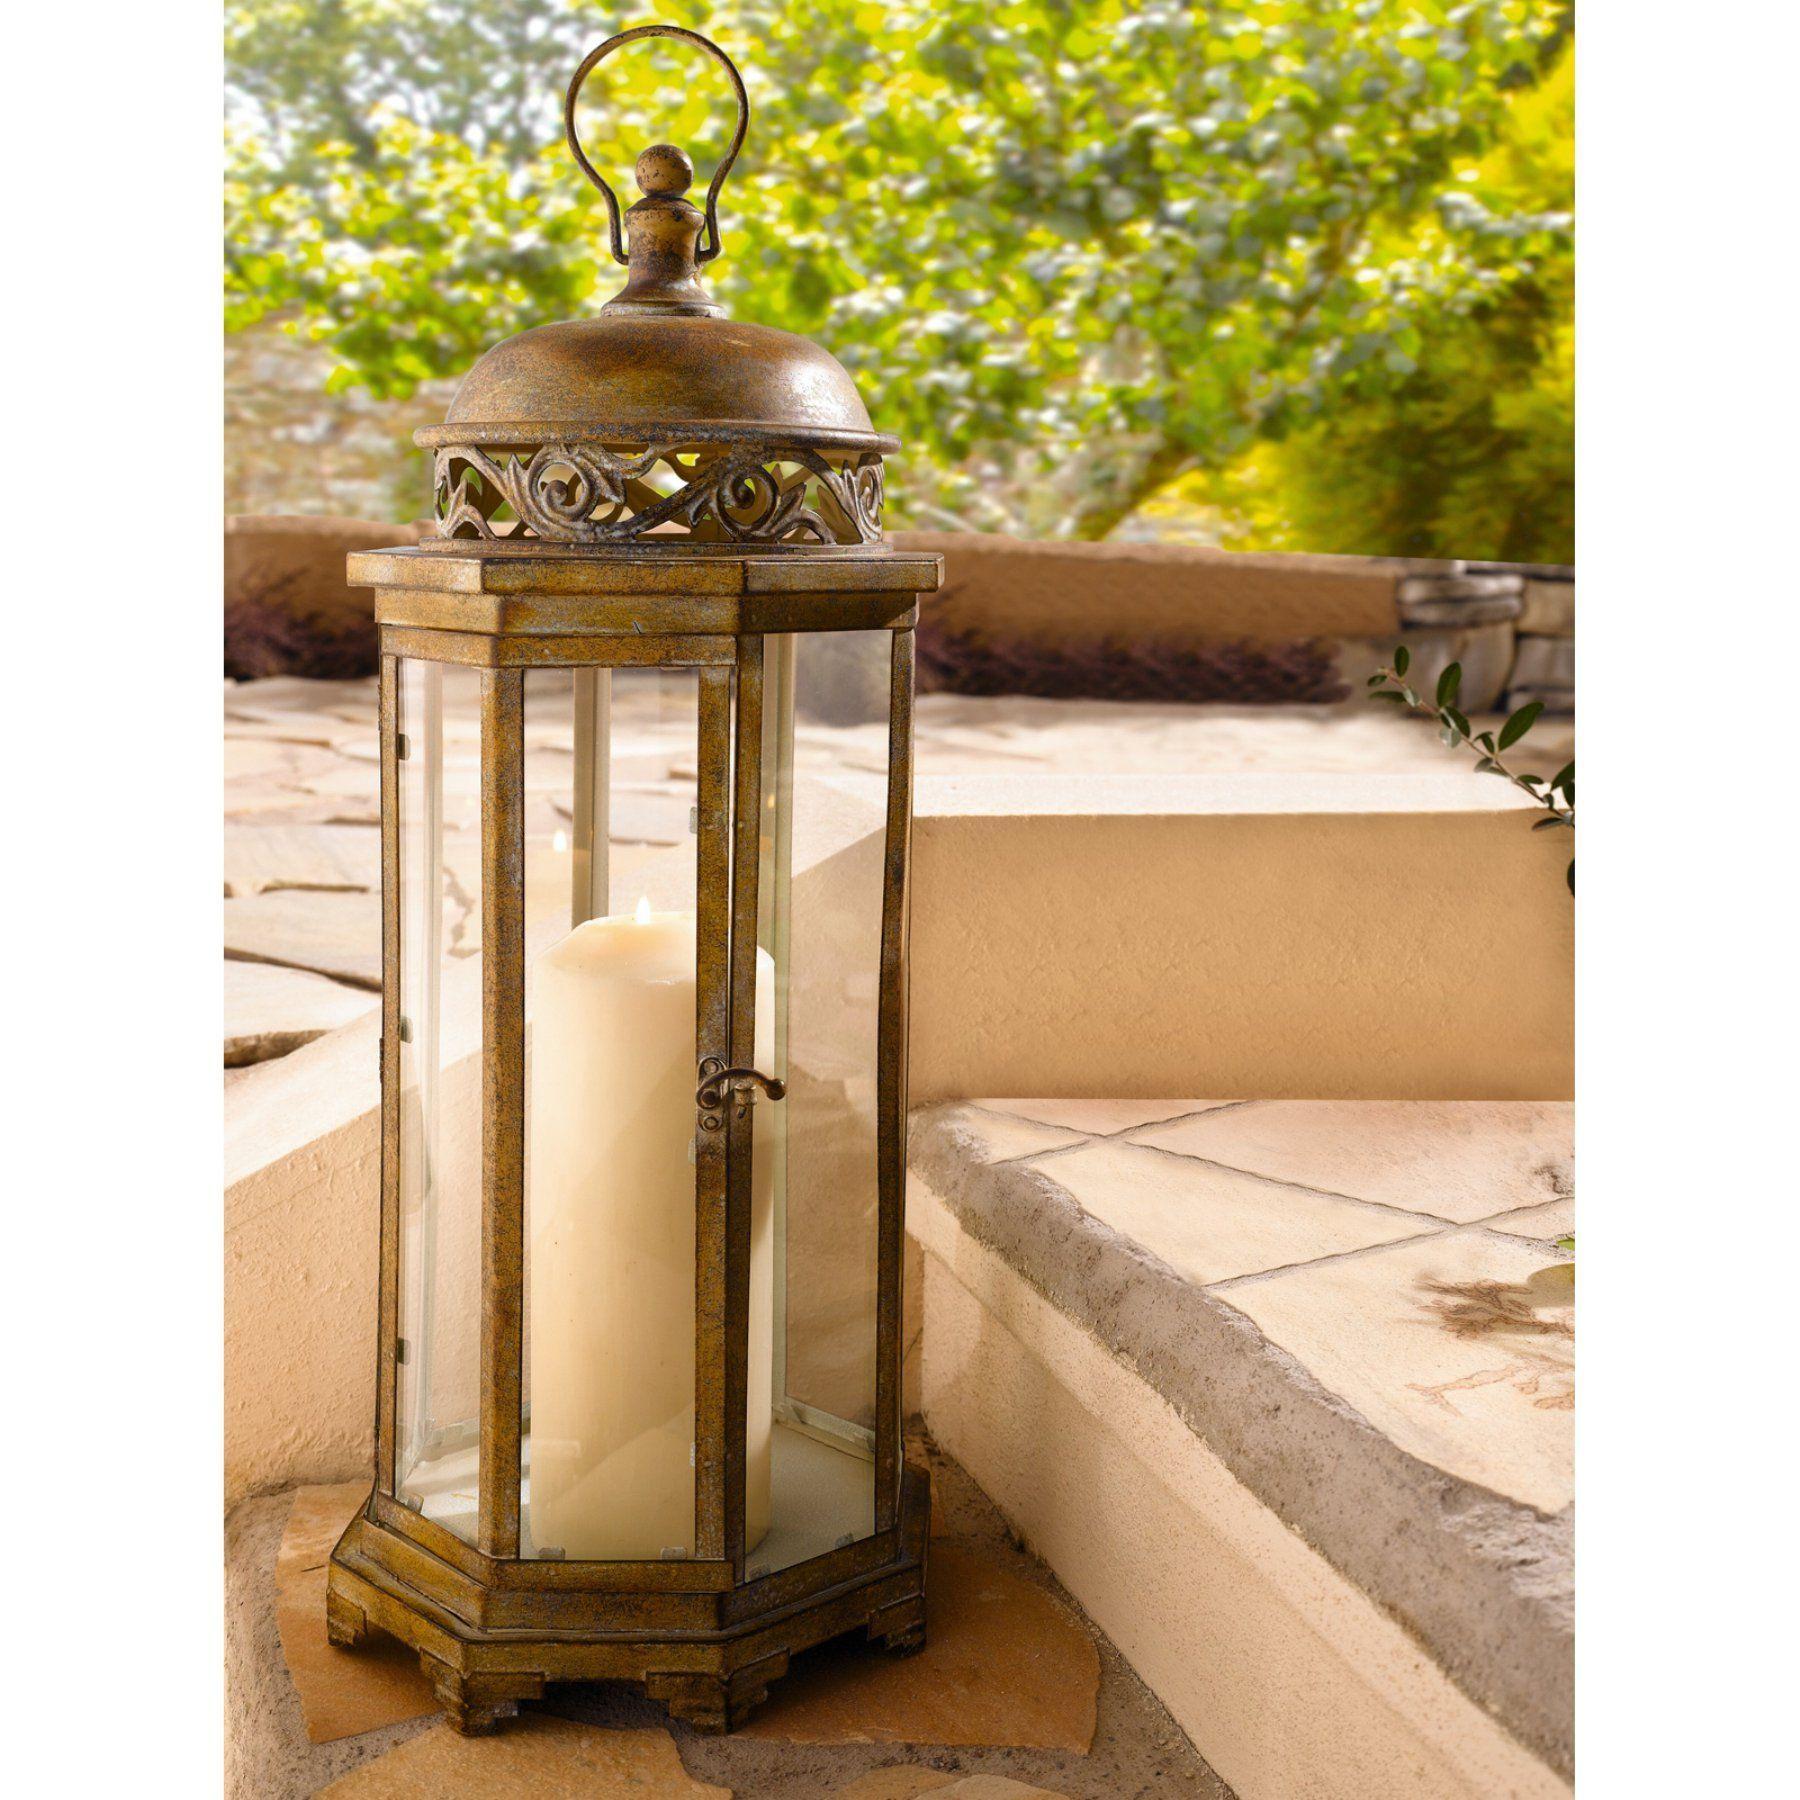 Hgc 24 4 In Moroccan Hanging Metal Lantern Outdoor Decorative Lanterns Hanging Candle Lanterns Metal Candle Lanterns